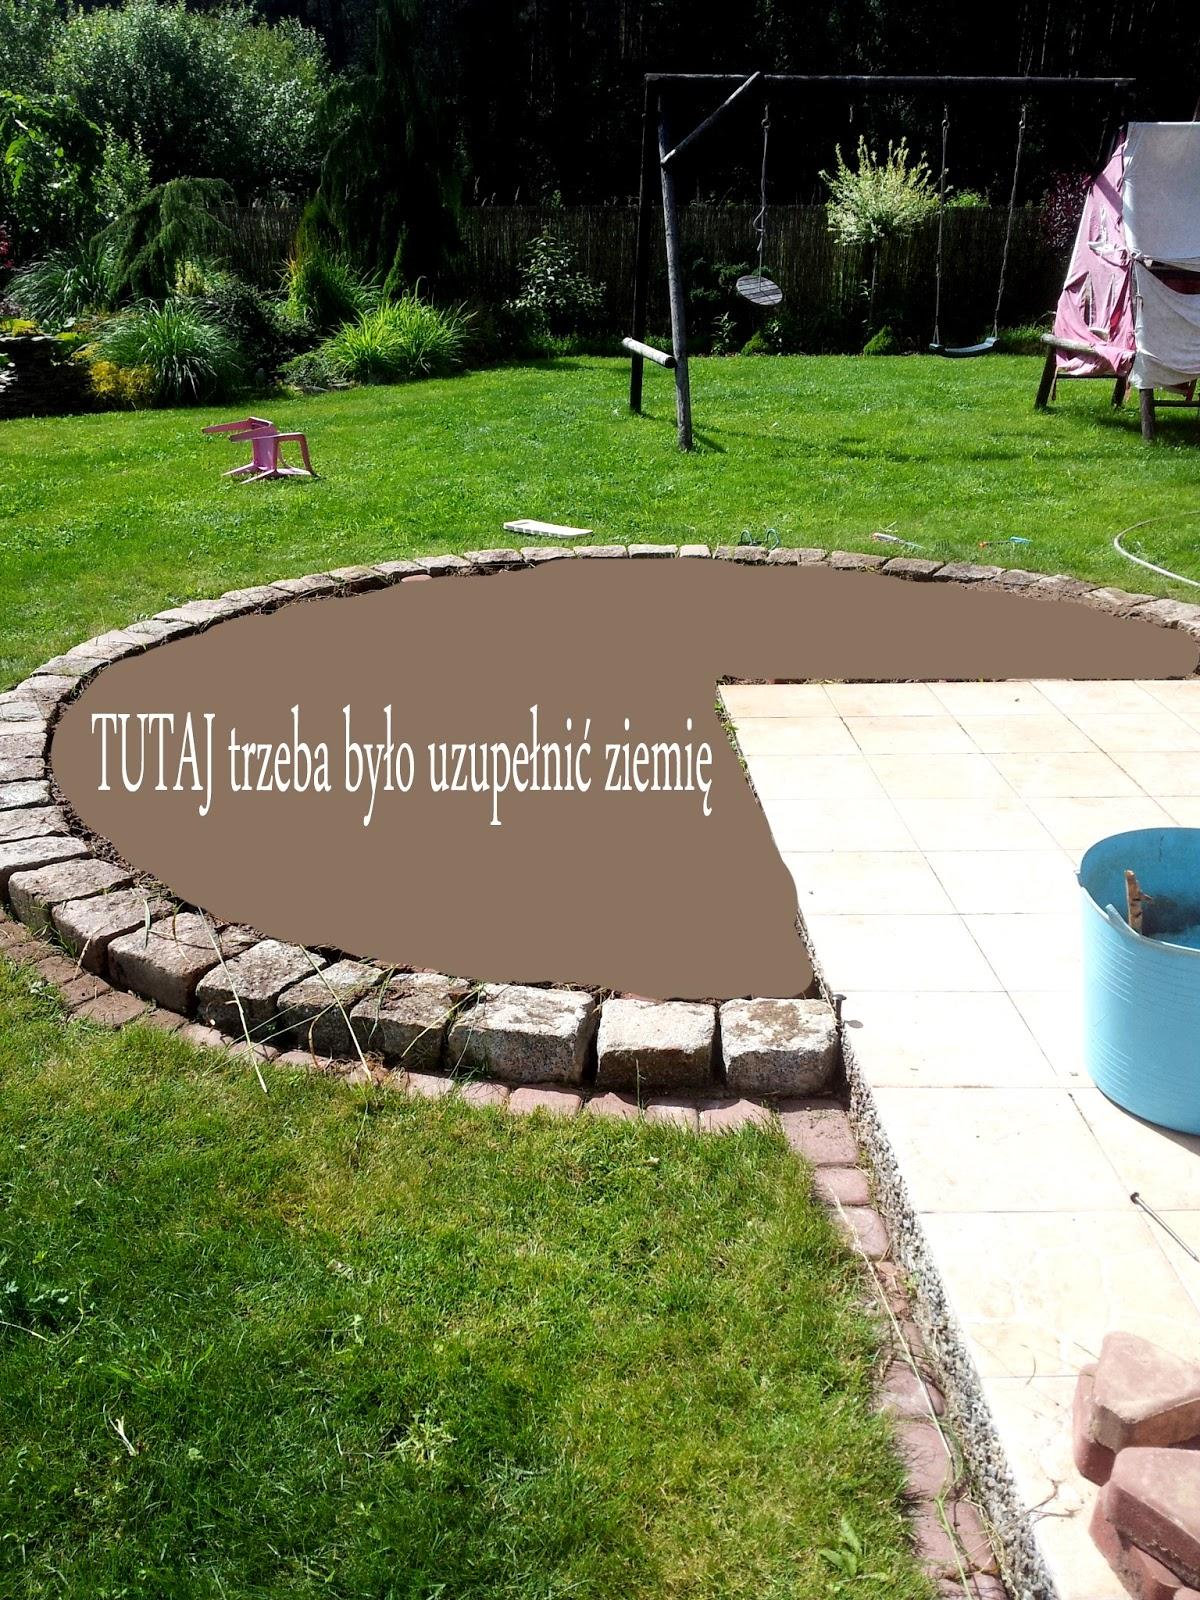 koło w ogrodzie,basen stelażowy,kamienne koło,trawnik,taras i koło,miejsce pod basen